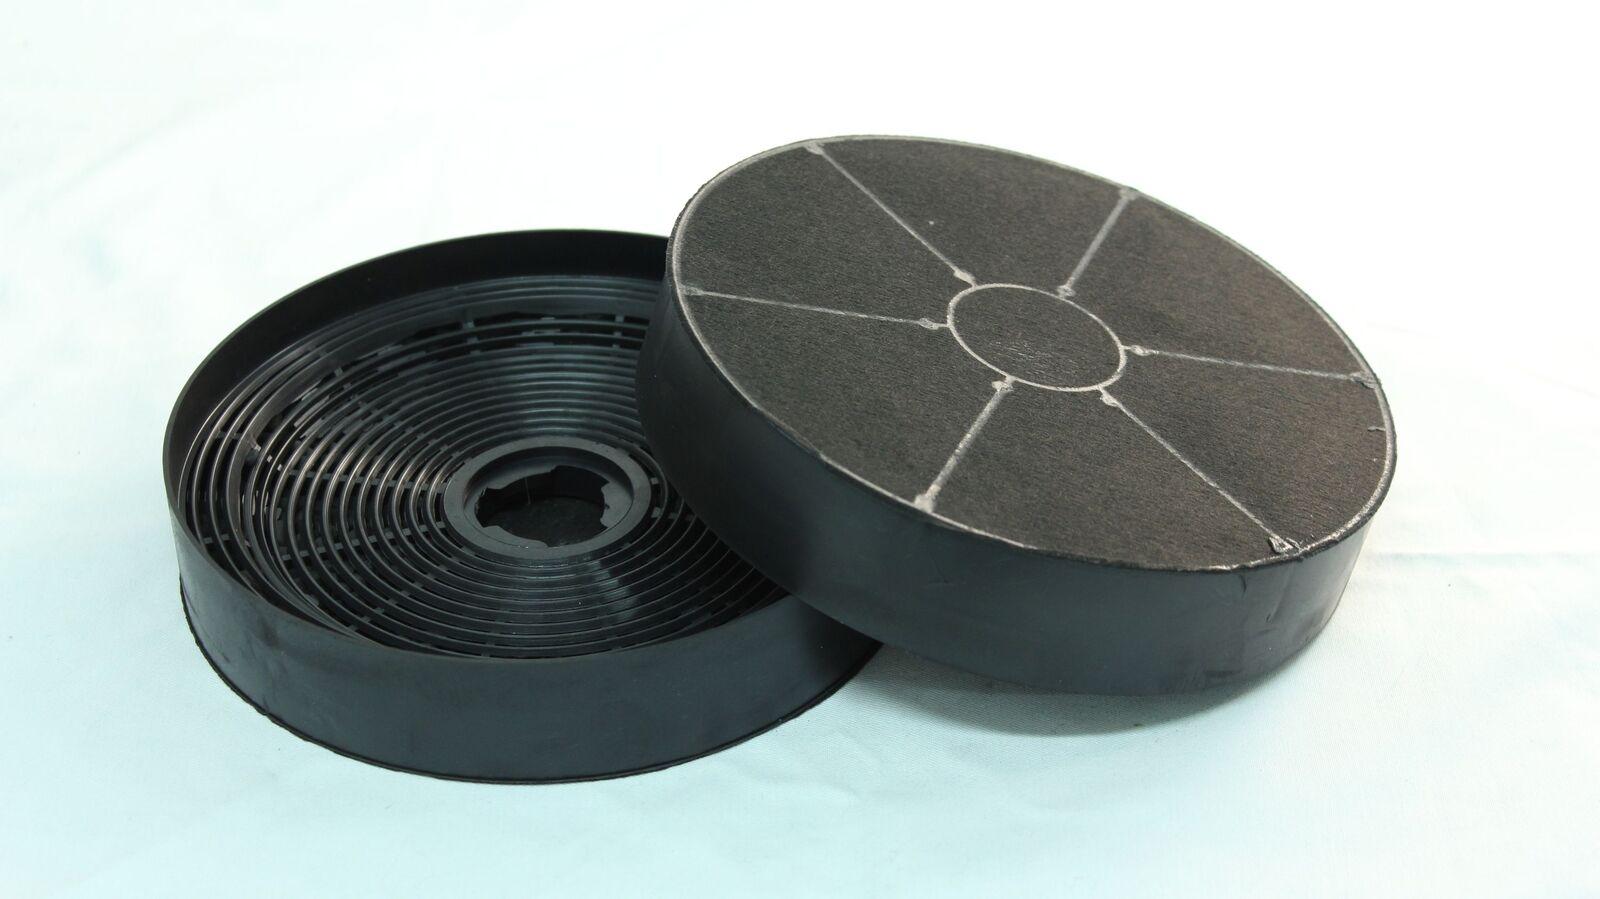 2 Aktivkohlefilter Kohlefilter für respekta Dunstabzugshaube Umluft MIZ 0023